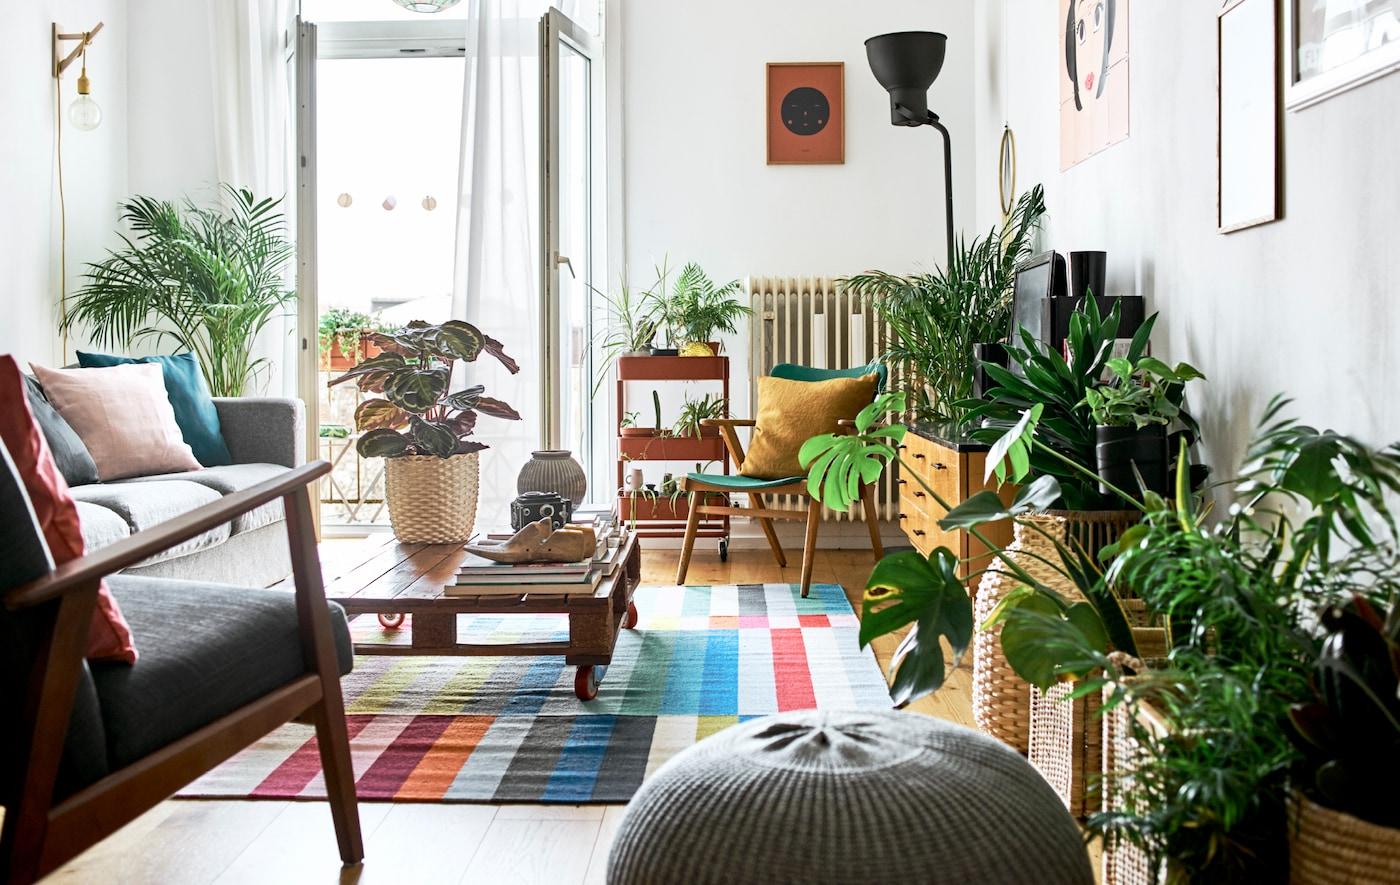 Un salon aux grandes portes-fenêtres ouvertes, un mélange de sièges moelleux, une table basse en palette, un tapis coloré et des plantes d'intérieur.